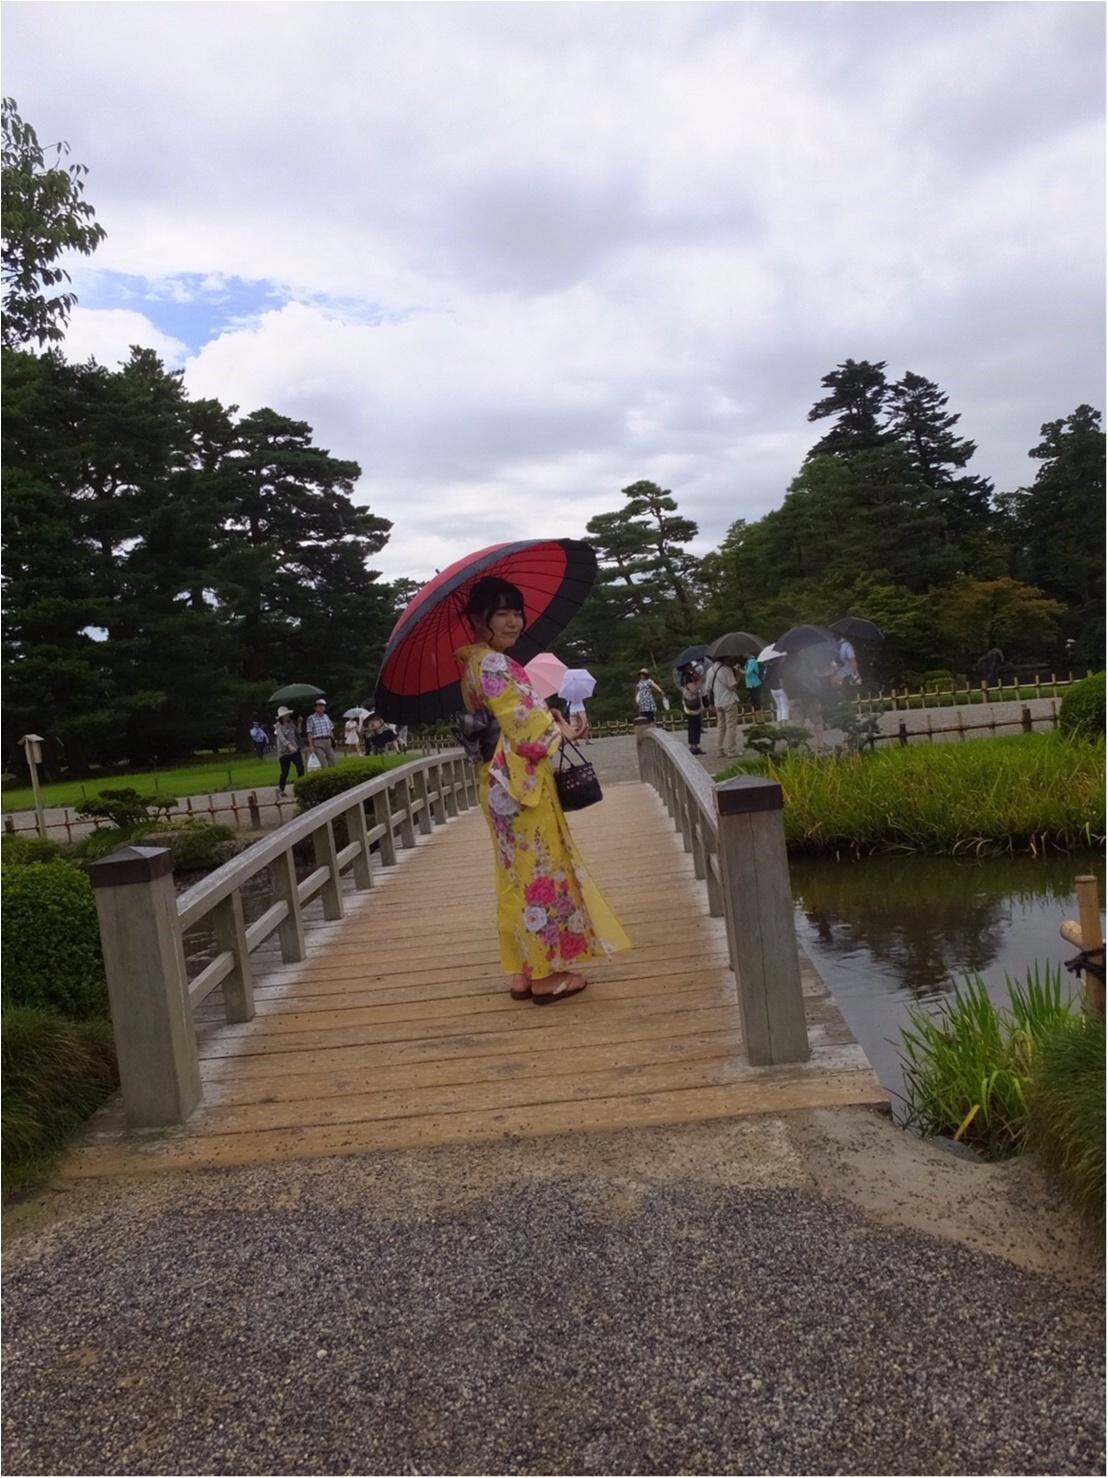 金沢女子旅特集 - 日帰り・週末旅行に! 金沢21世紀美術館など観光地やグルメまとめ_18